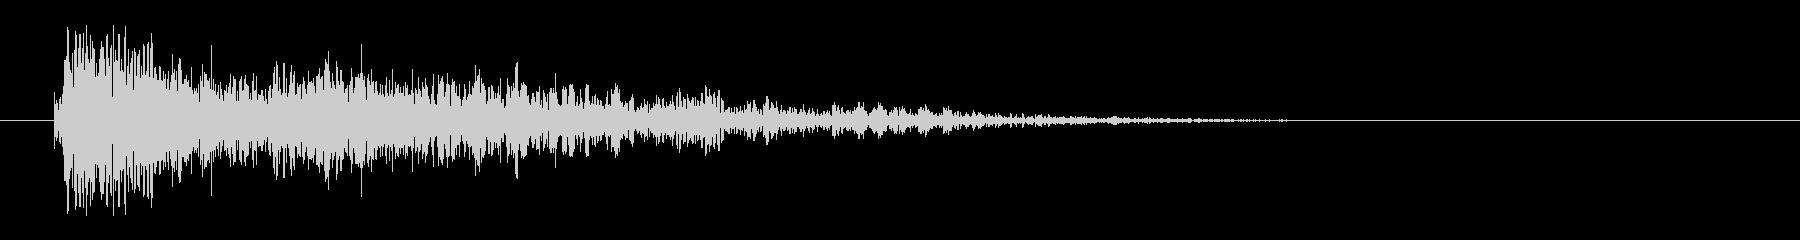 レーザー音-25-3の未再生の波形